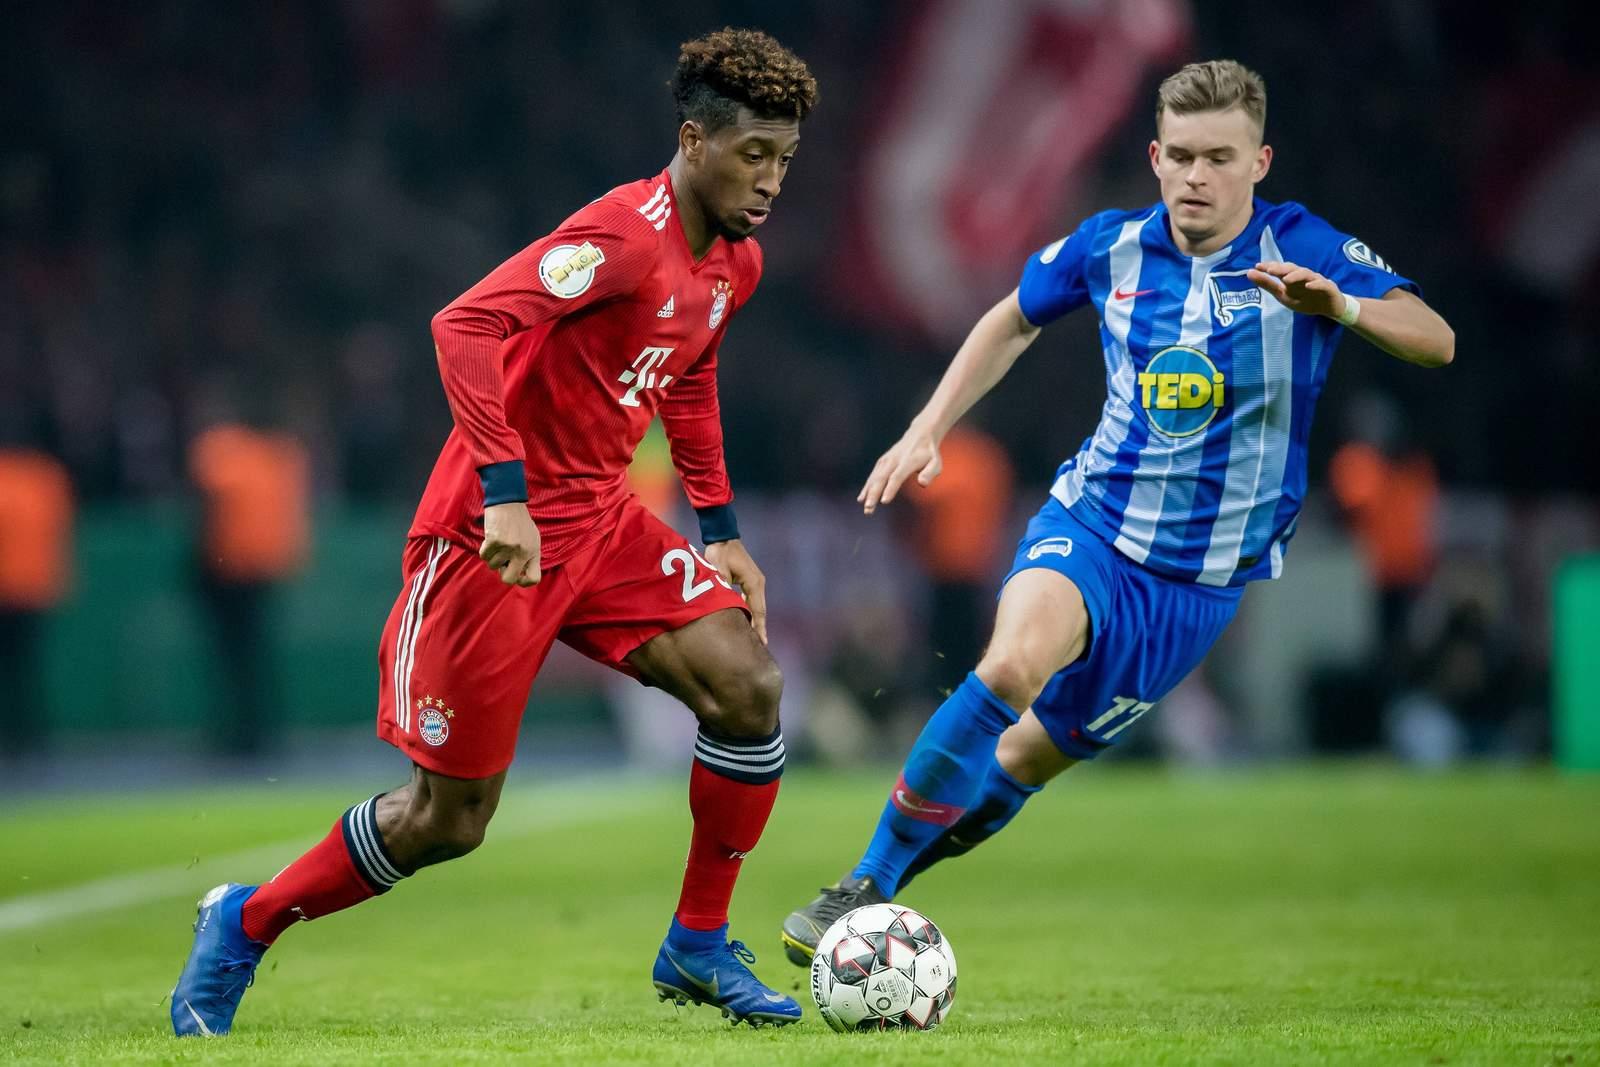 Setzt sich Coman gegen Mittelstädt durch? Jetzt auf Bayern gegen Hertha wetten